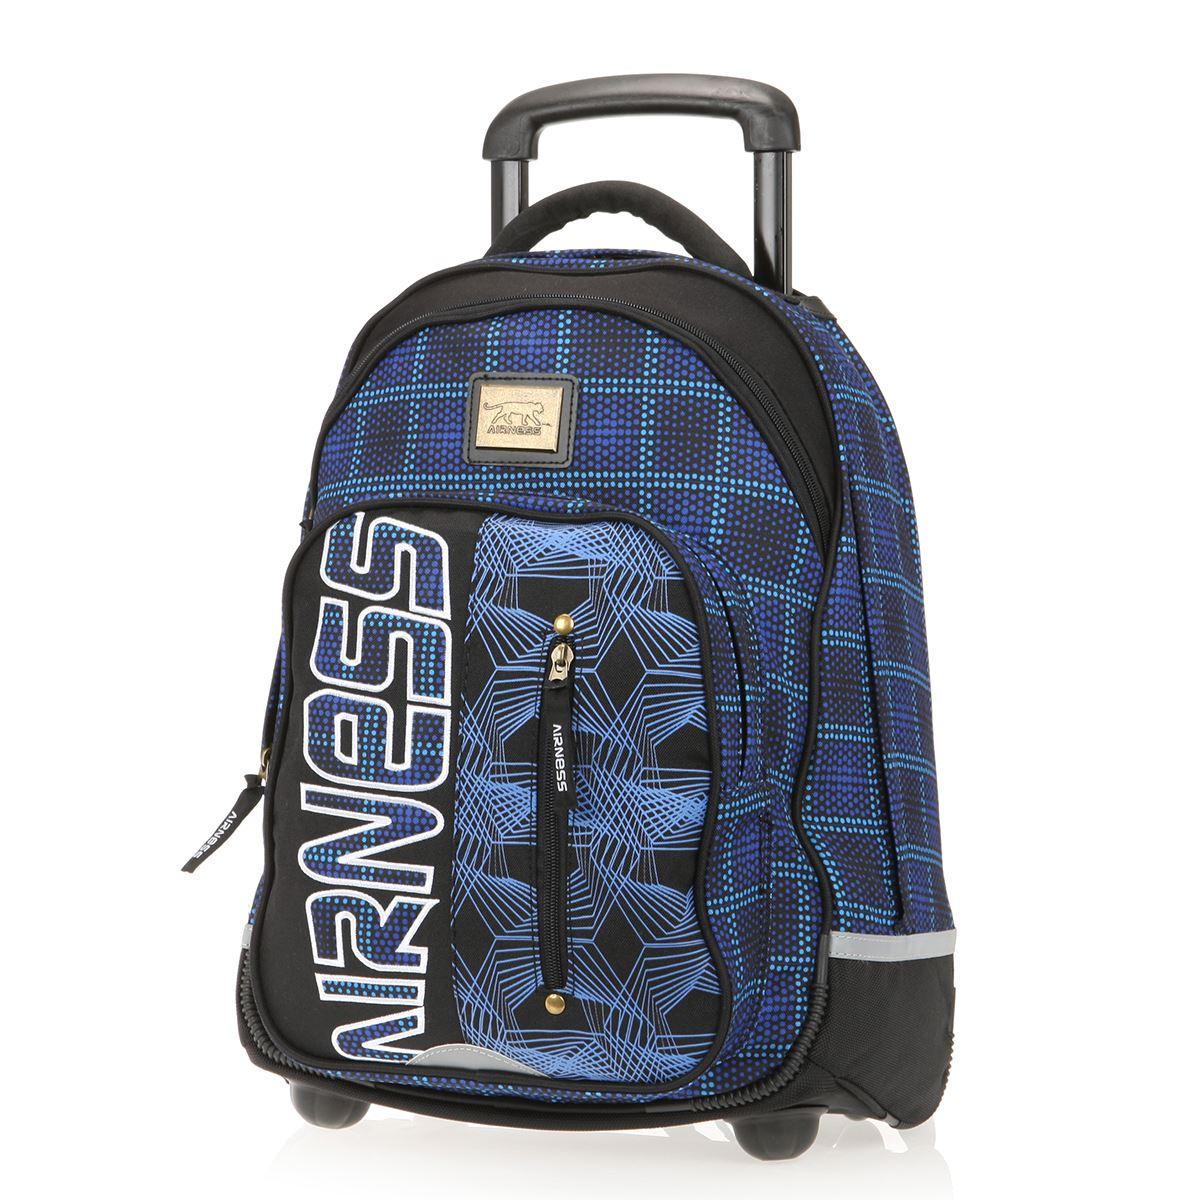 AIRNESS Sac à dos roulettes Bleu et noir Achat / Vente sac à dos